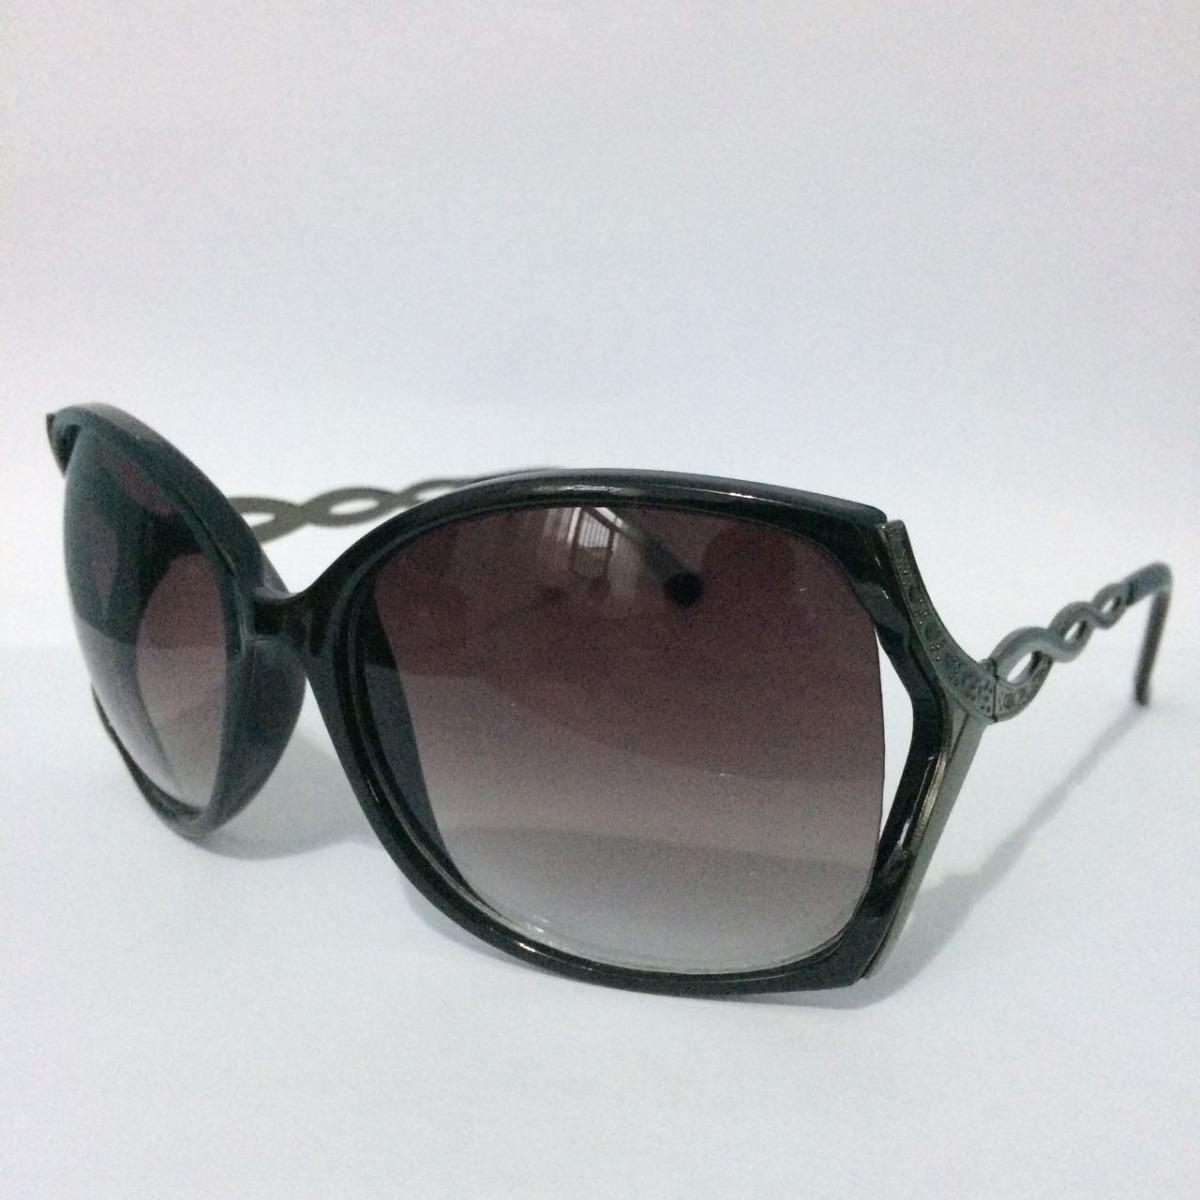 0594c0928 óculos de sol feminino quadrado grande proteção uv 400. Carregando zoom.